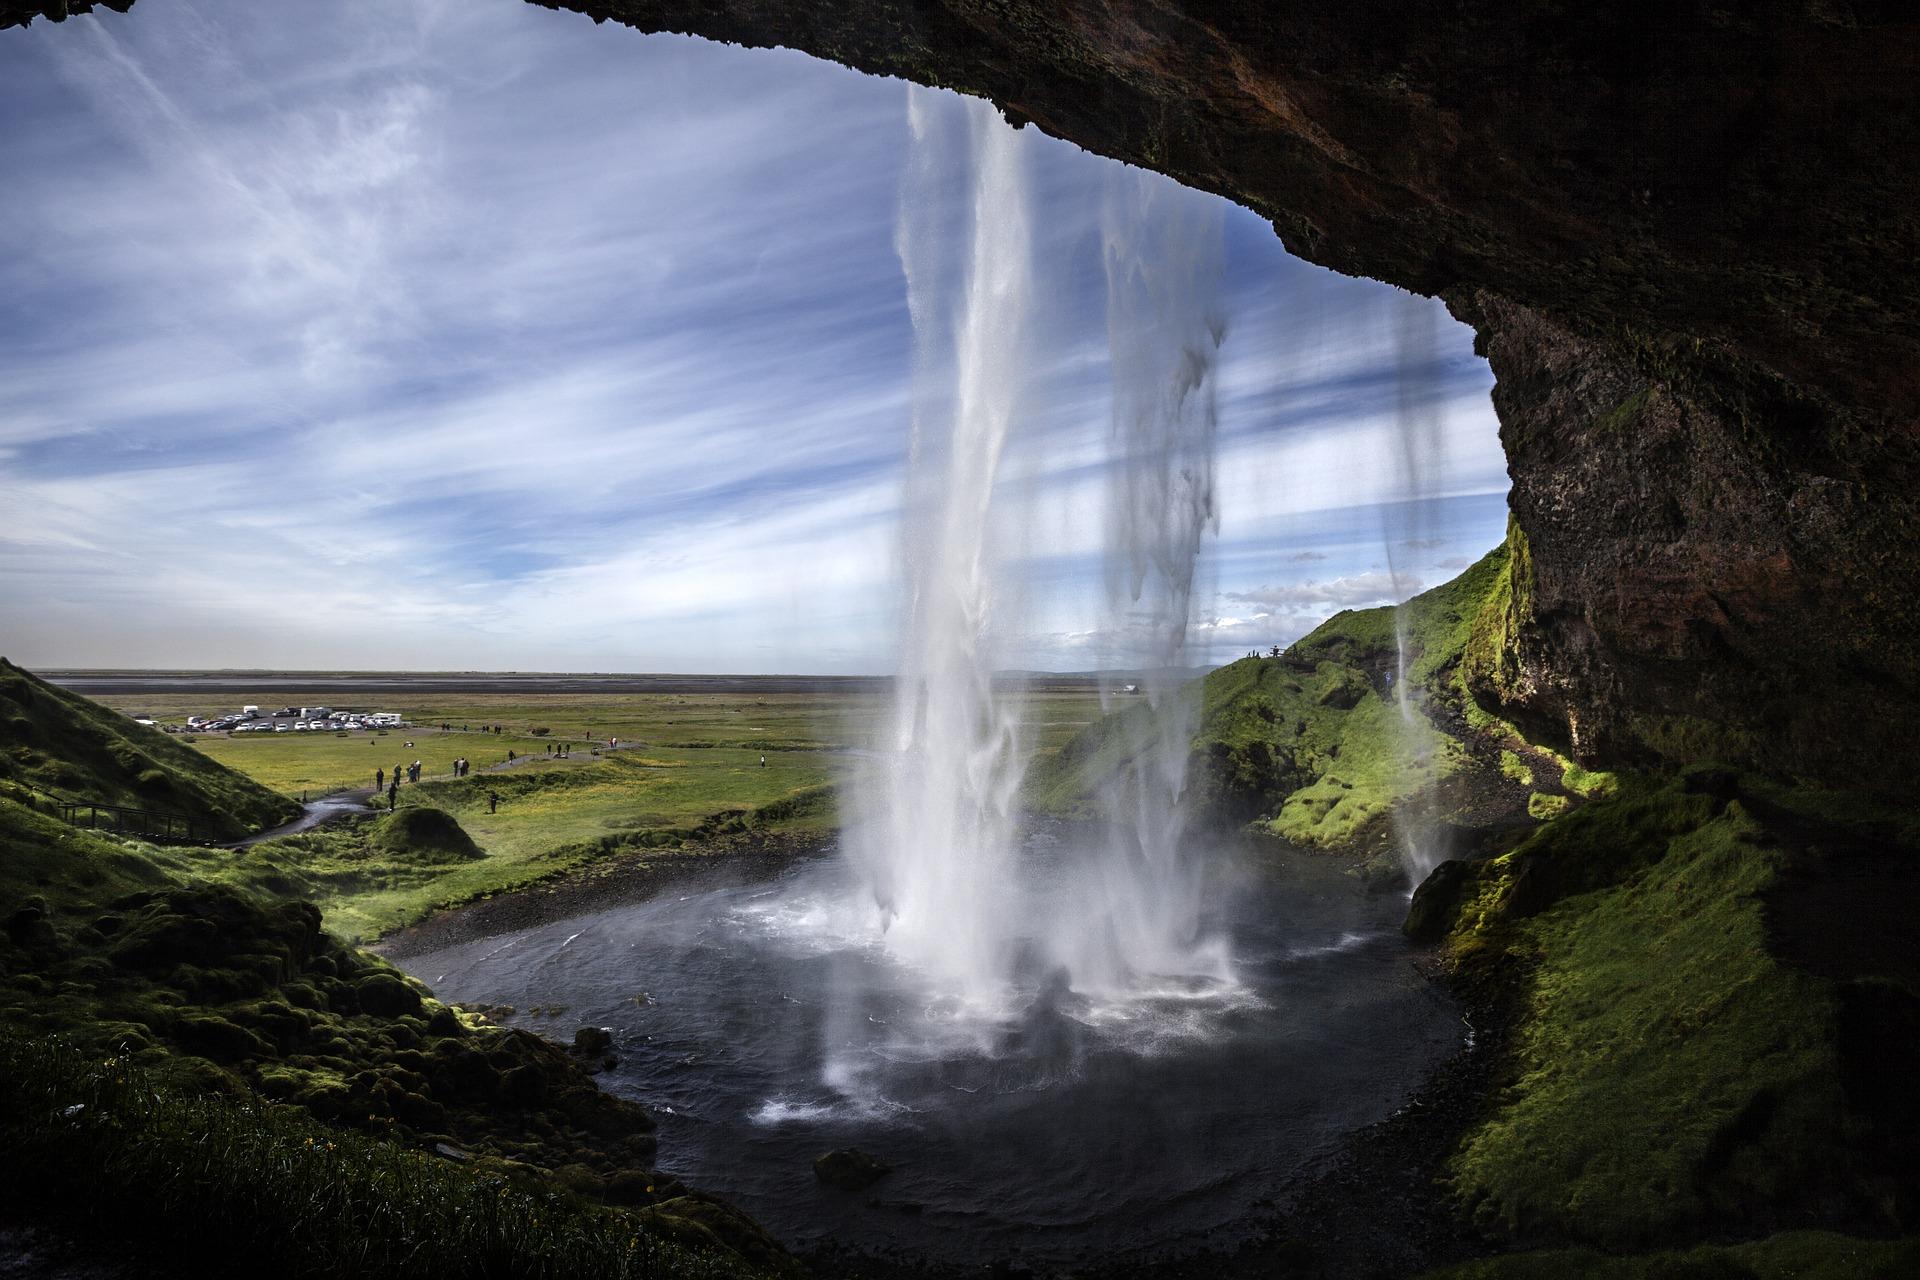 ทิวทัศน์จากด้านหลังม่านน้ำตกเซลยาแลนศ์ฟอสส์บนชายฝั่งทางใต้ของประเทศไอซ์แลนด์